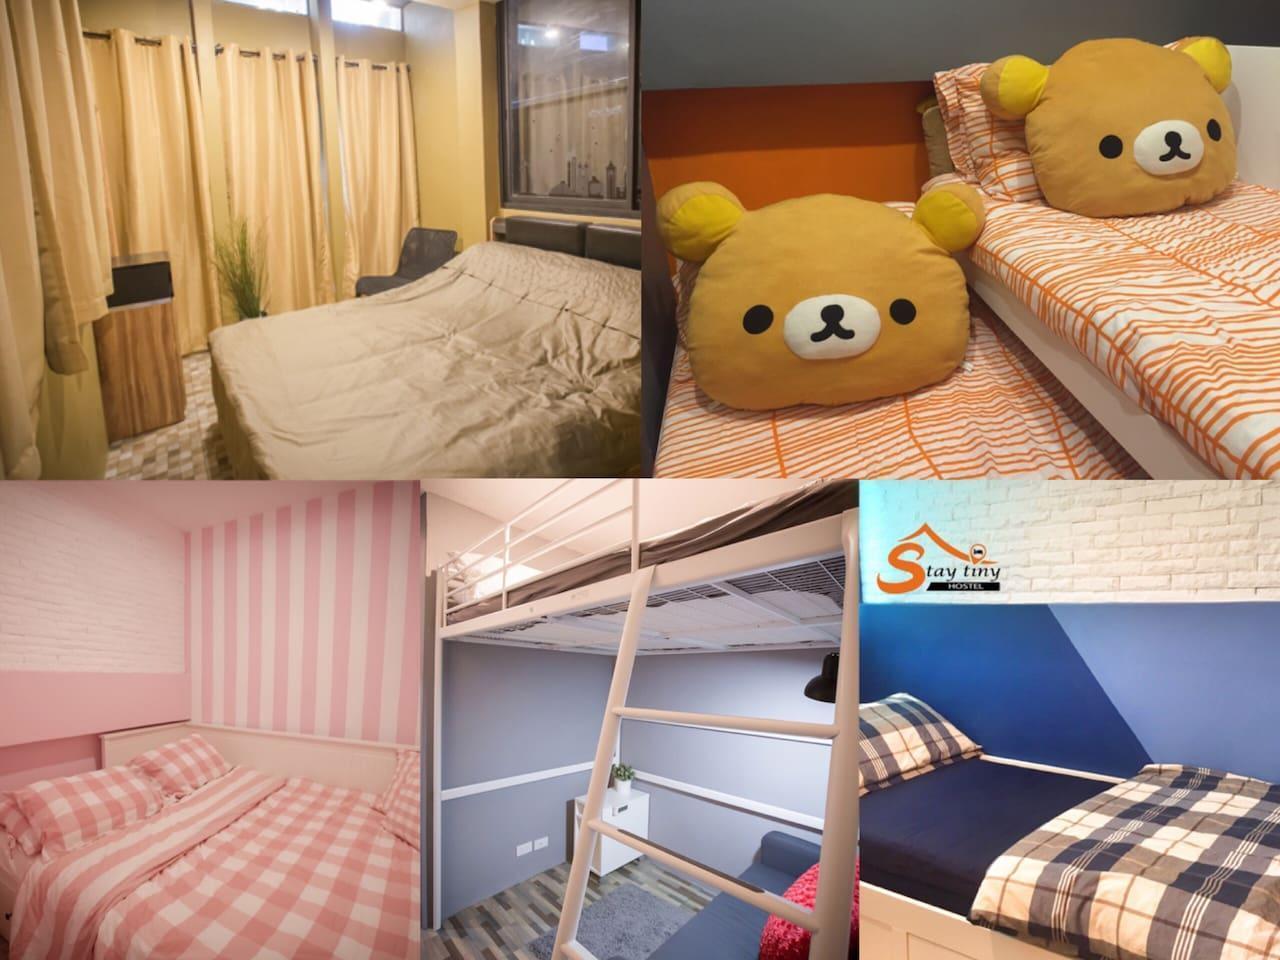 Stay Tiny 5BR BTS Ari/JJ Market อพาร์ตเมนต์ 5 ห้องนอน 5 ห้องน้ำส่วนตัว ขนาด 125 ตร.ม. – จตุจักร